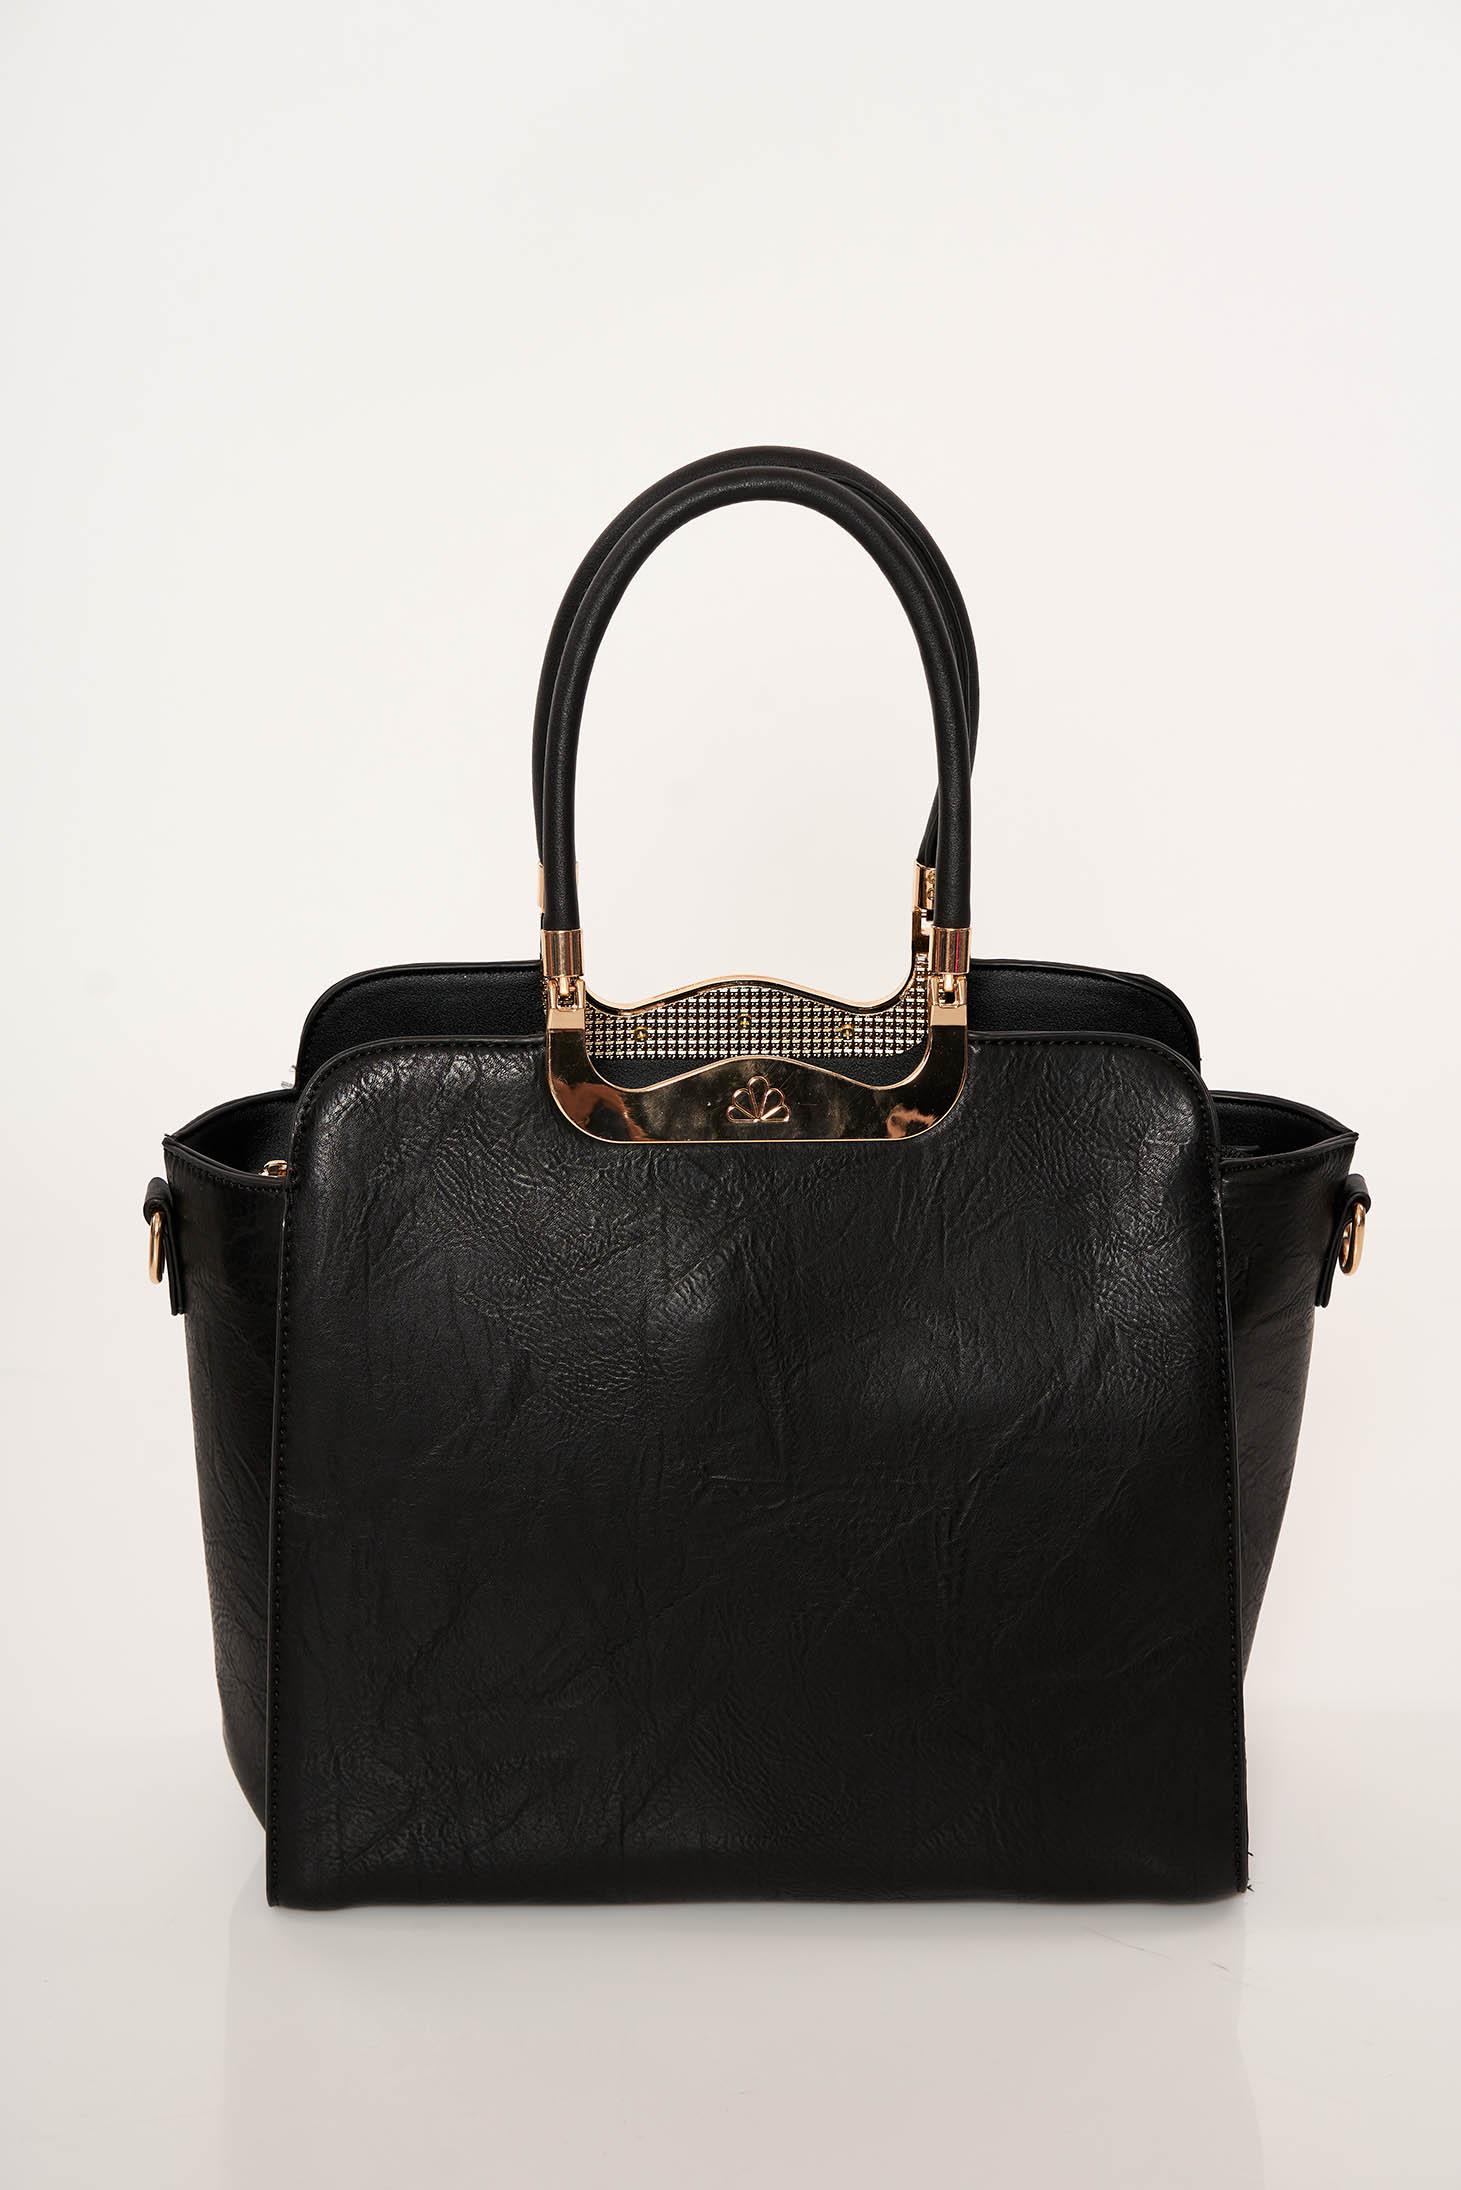 Geanta dama neagra office din piele ecologica cu manere scurte